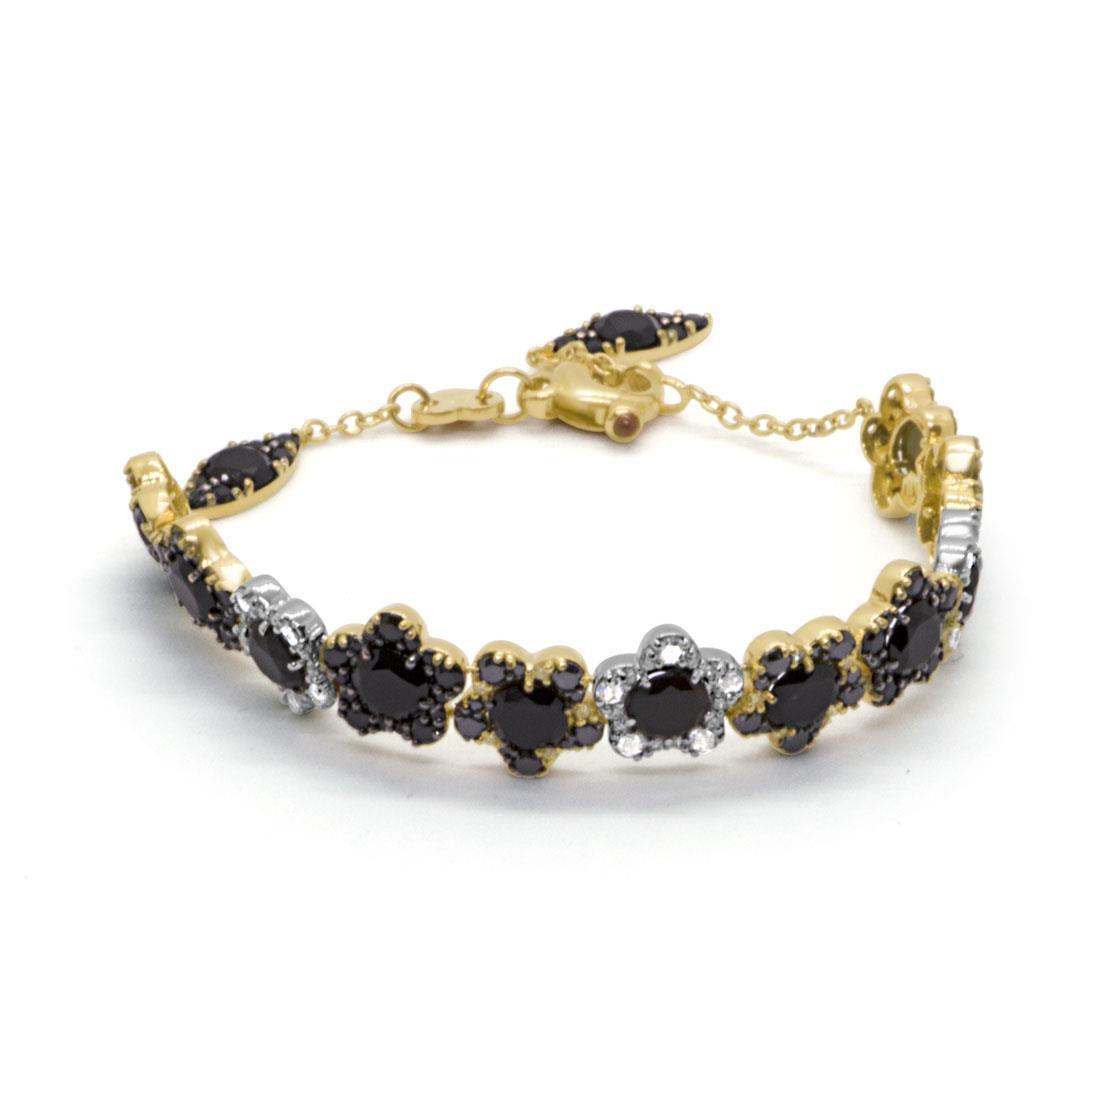 Bracciale in oro bianco e giallo con diamanti - PASQUALE BRUNI